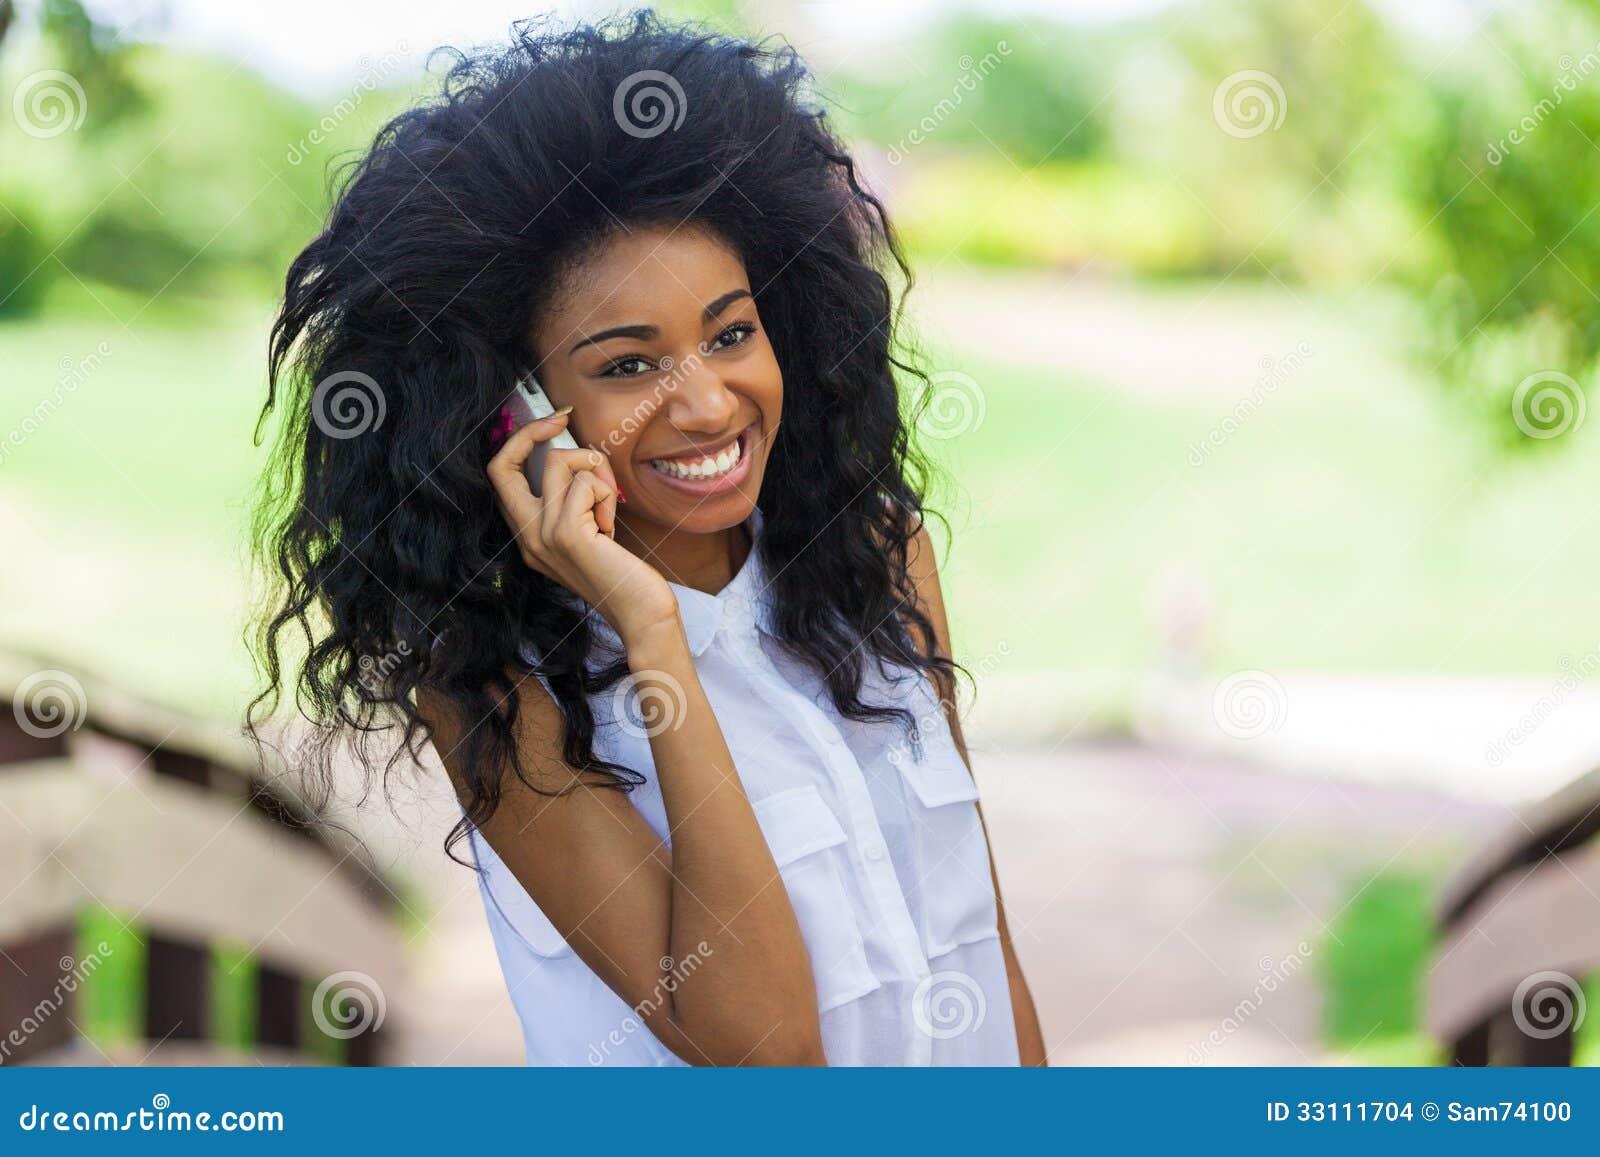 Tiener zwart meisje die een mobiele telefoon met behulp van afrikaanse mensen stock foto - Ruimtekleur tiener meisje ...